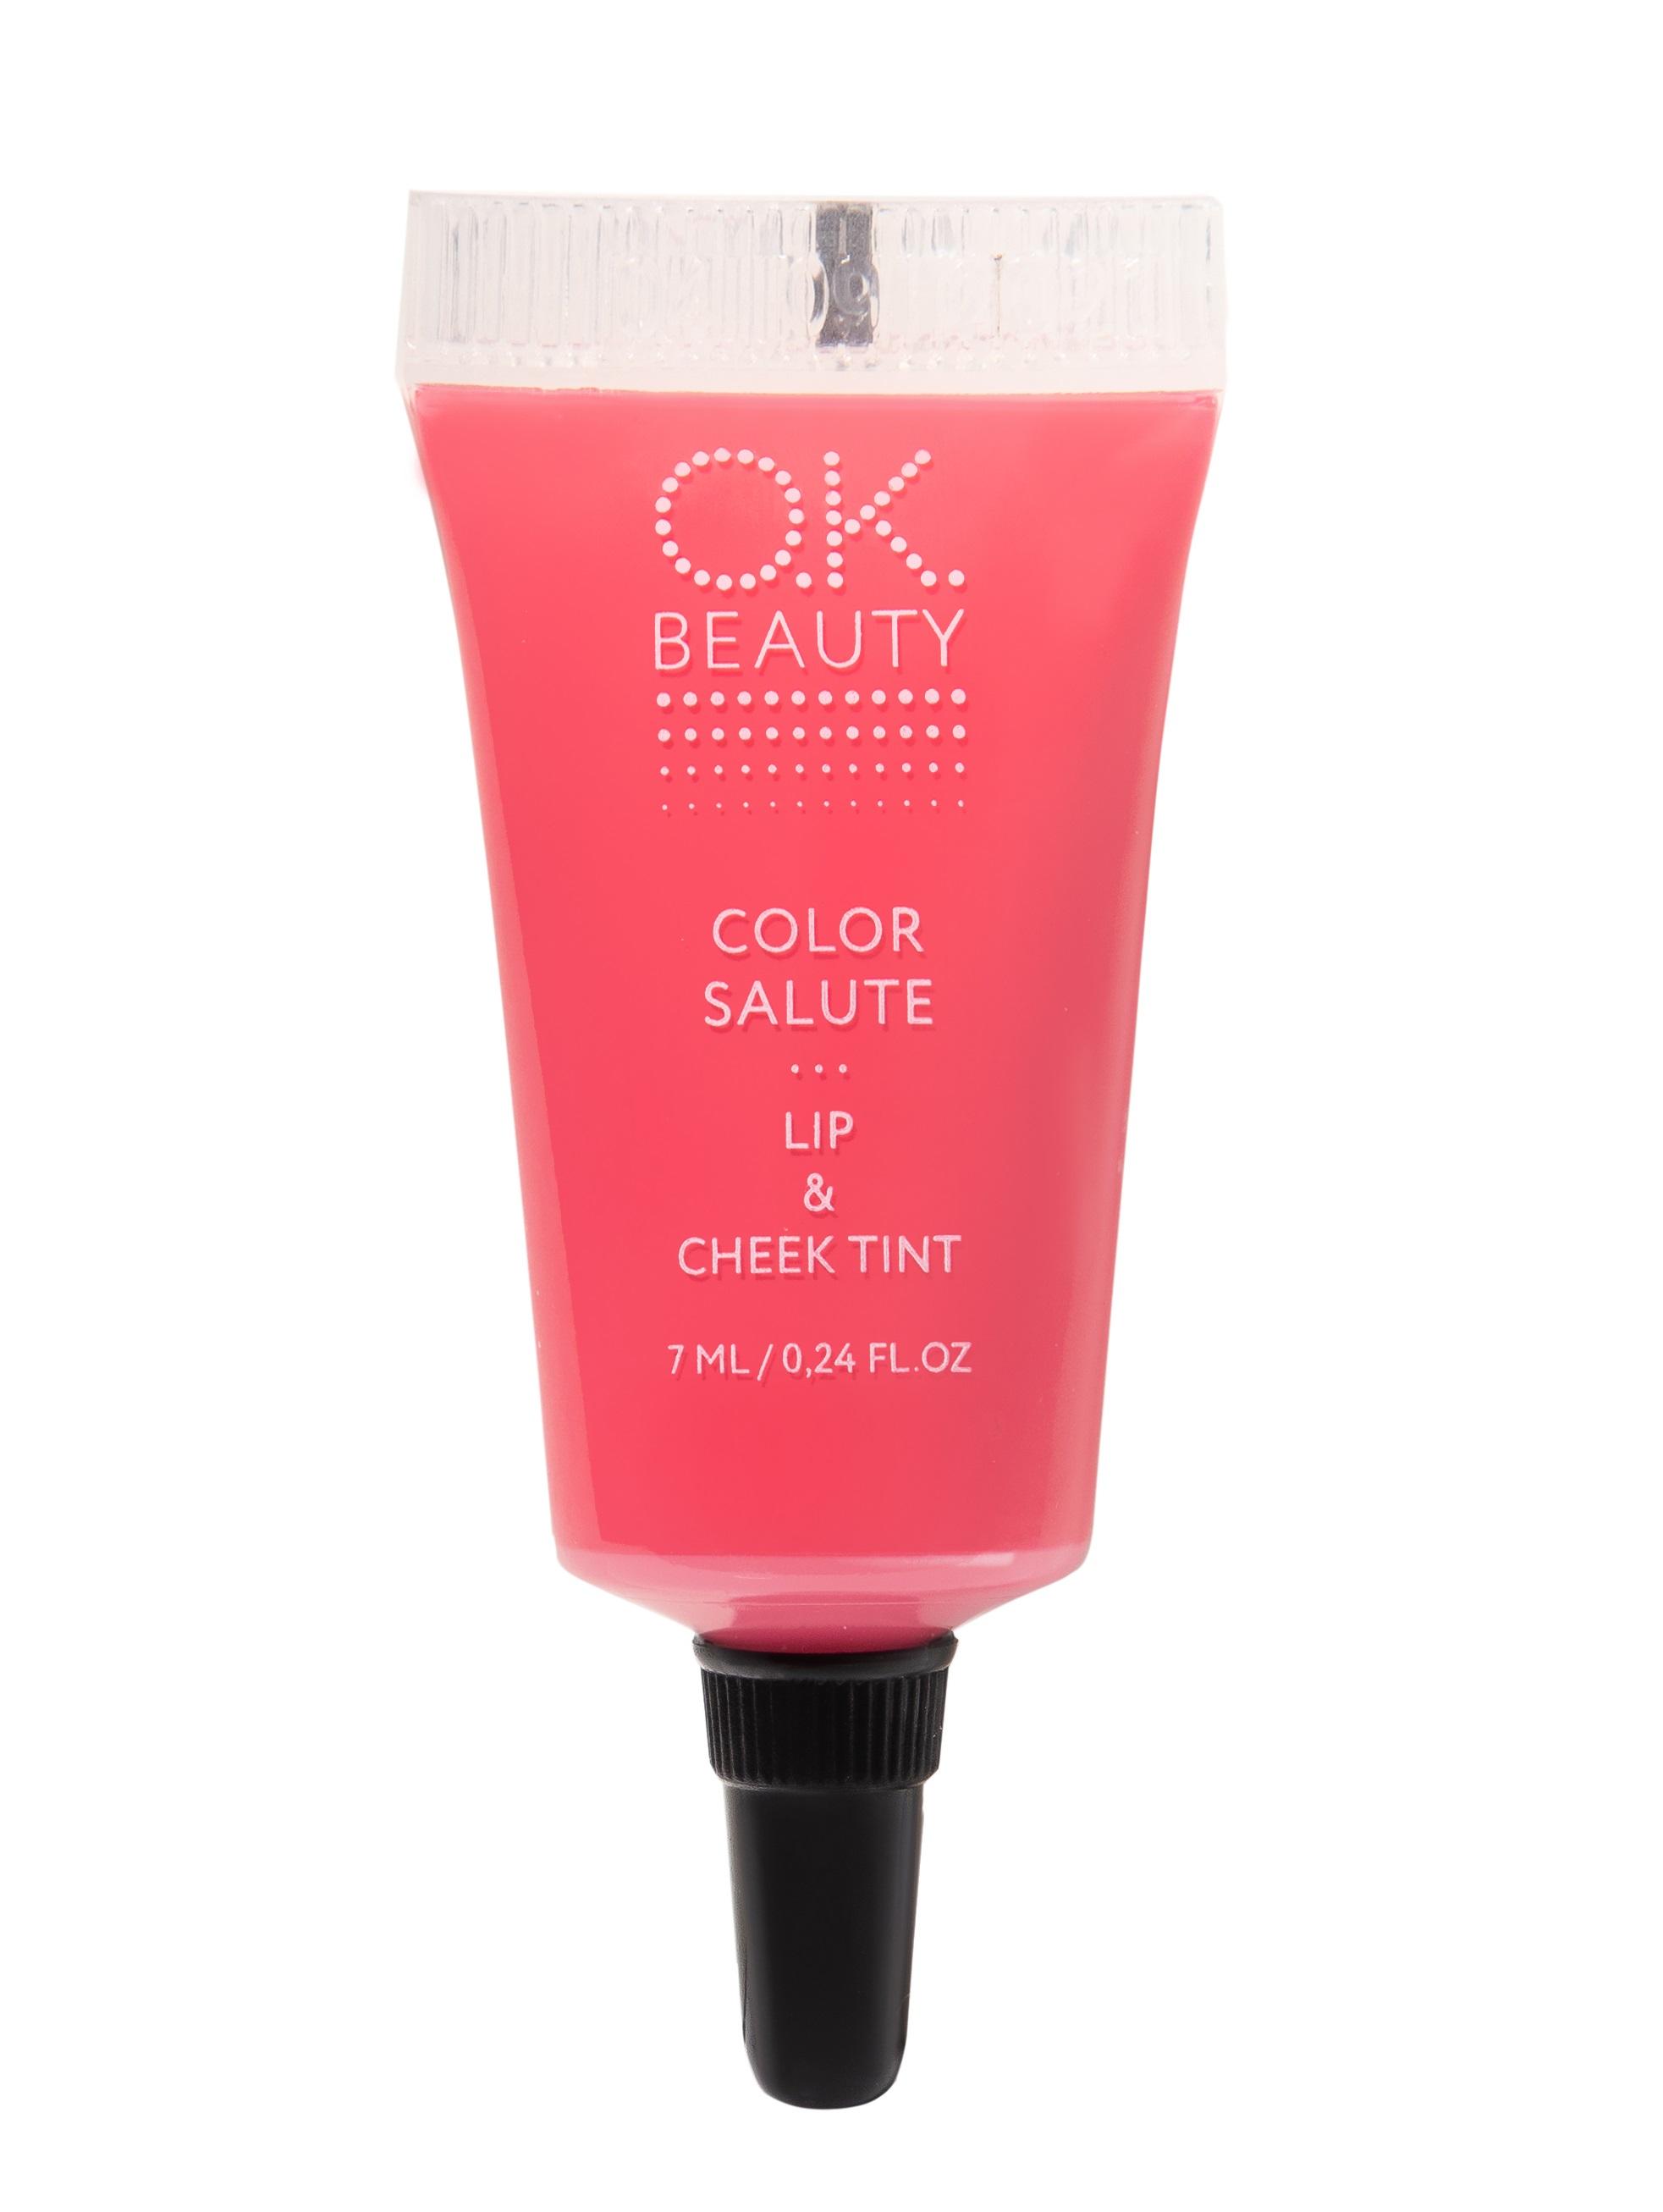 Купить OK BEAUTY Пигмент стойкий для губ и щек, Flamingo / COLOR SALUTE LIP & CHEEK TINT 7 мл